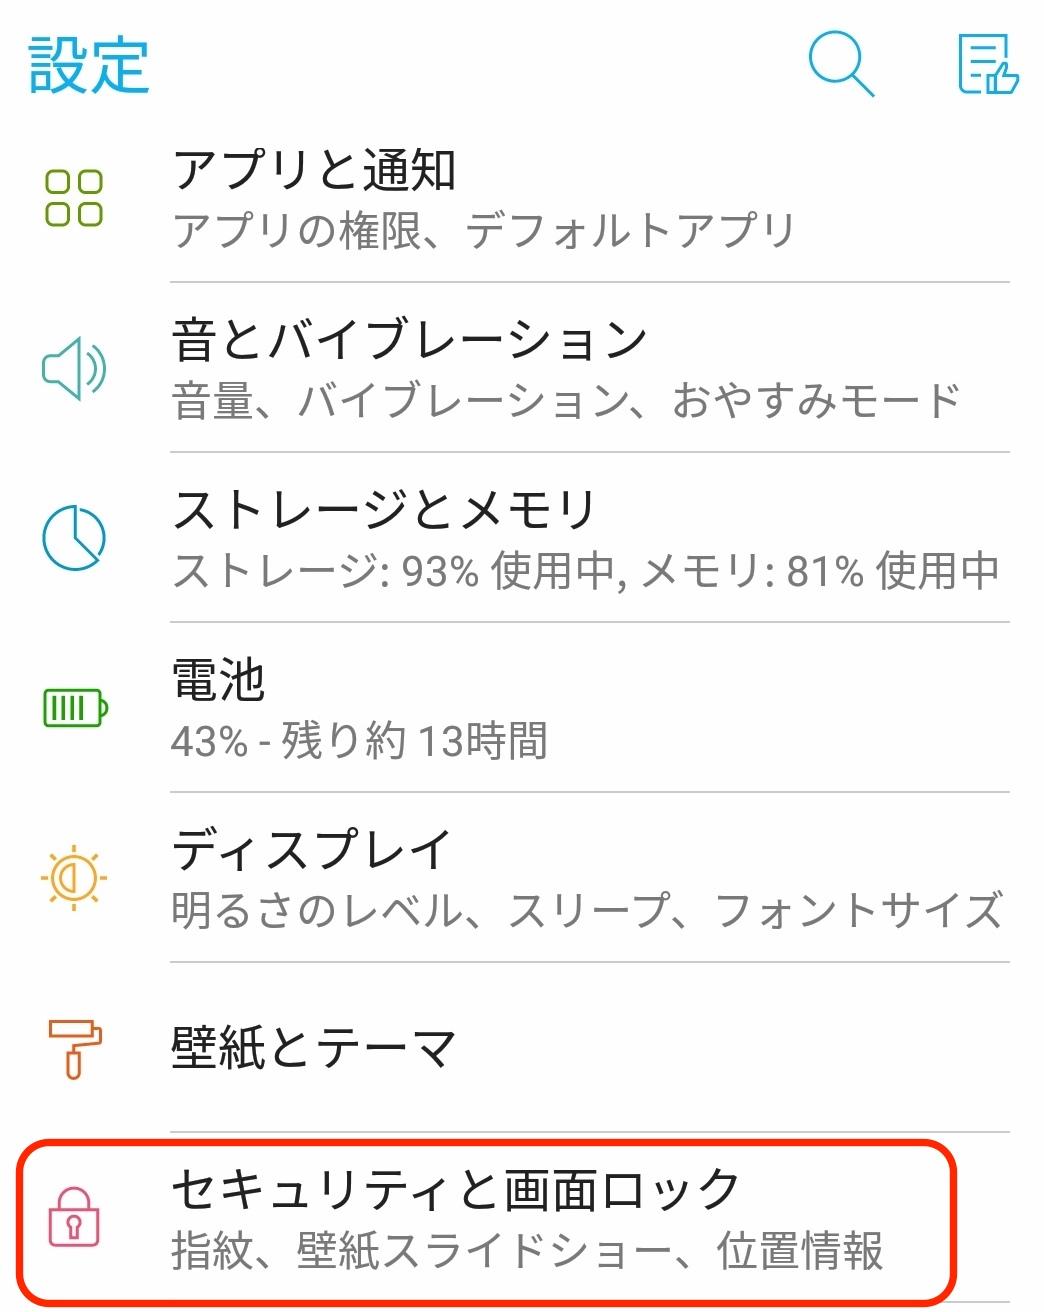 Android 位置情報を取得できない原因と対処法 アプリでgps取得できないときは アプリやwebの疑問に答えるメディア